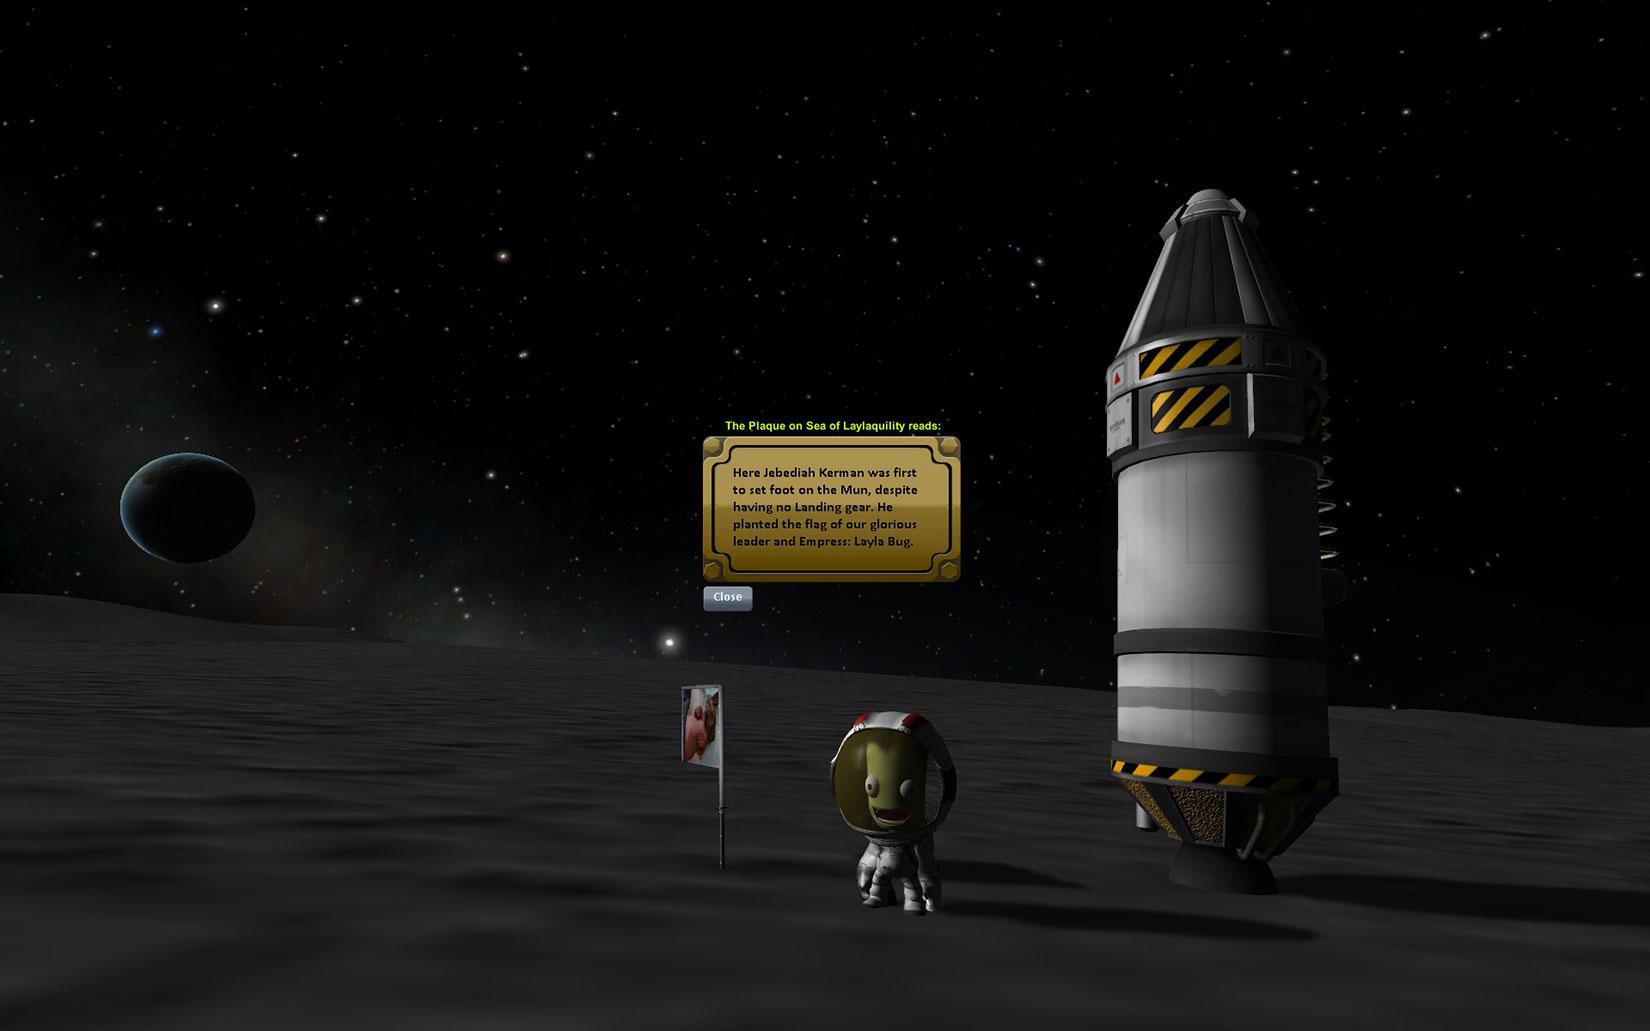 kerbal space program custom flags - photo #12